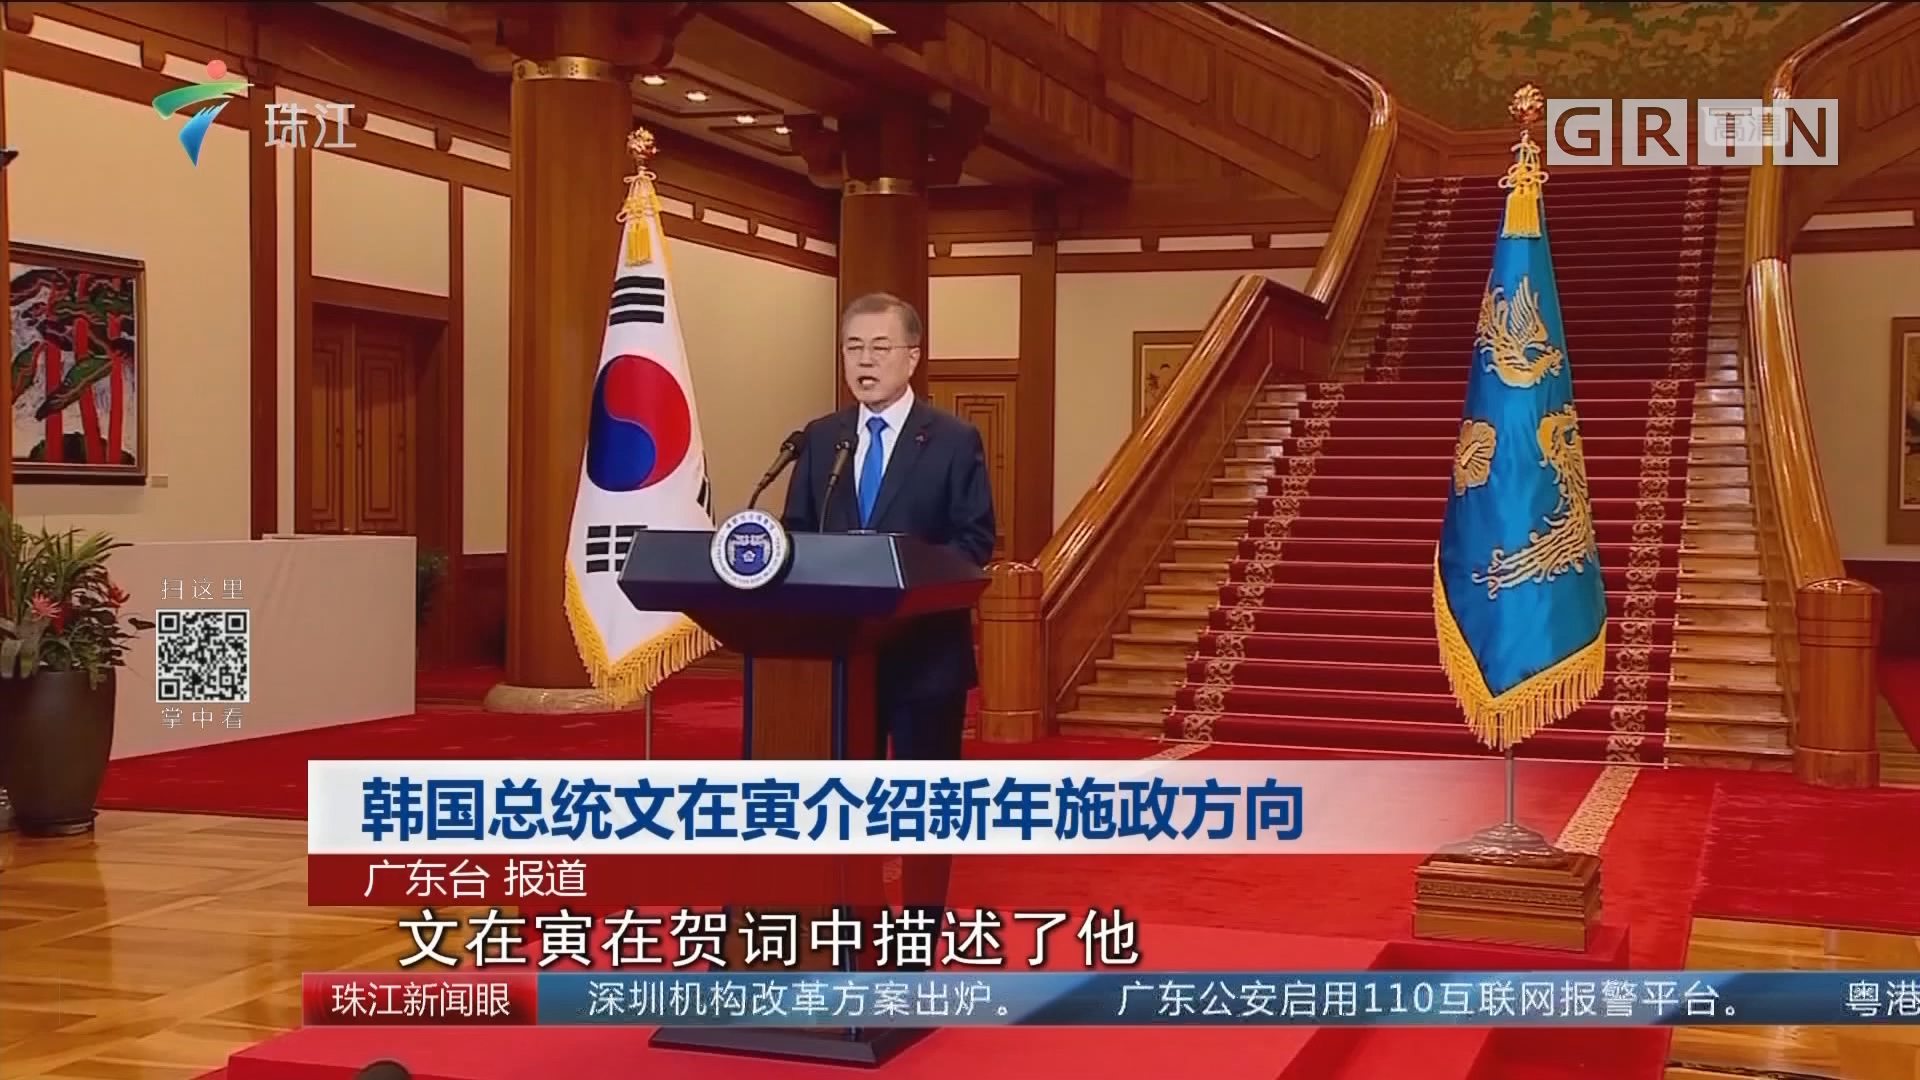 韩国总统文在寅介绍新年施政方向